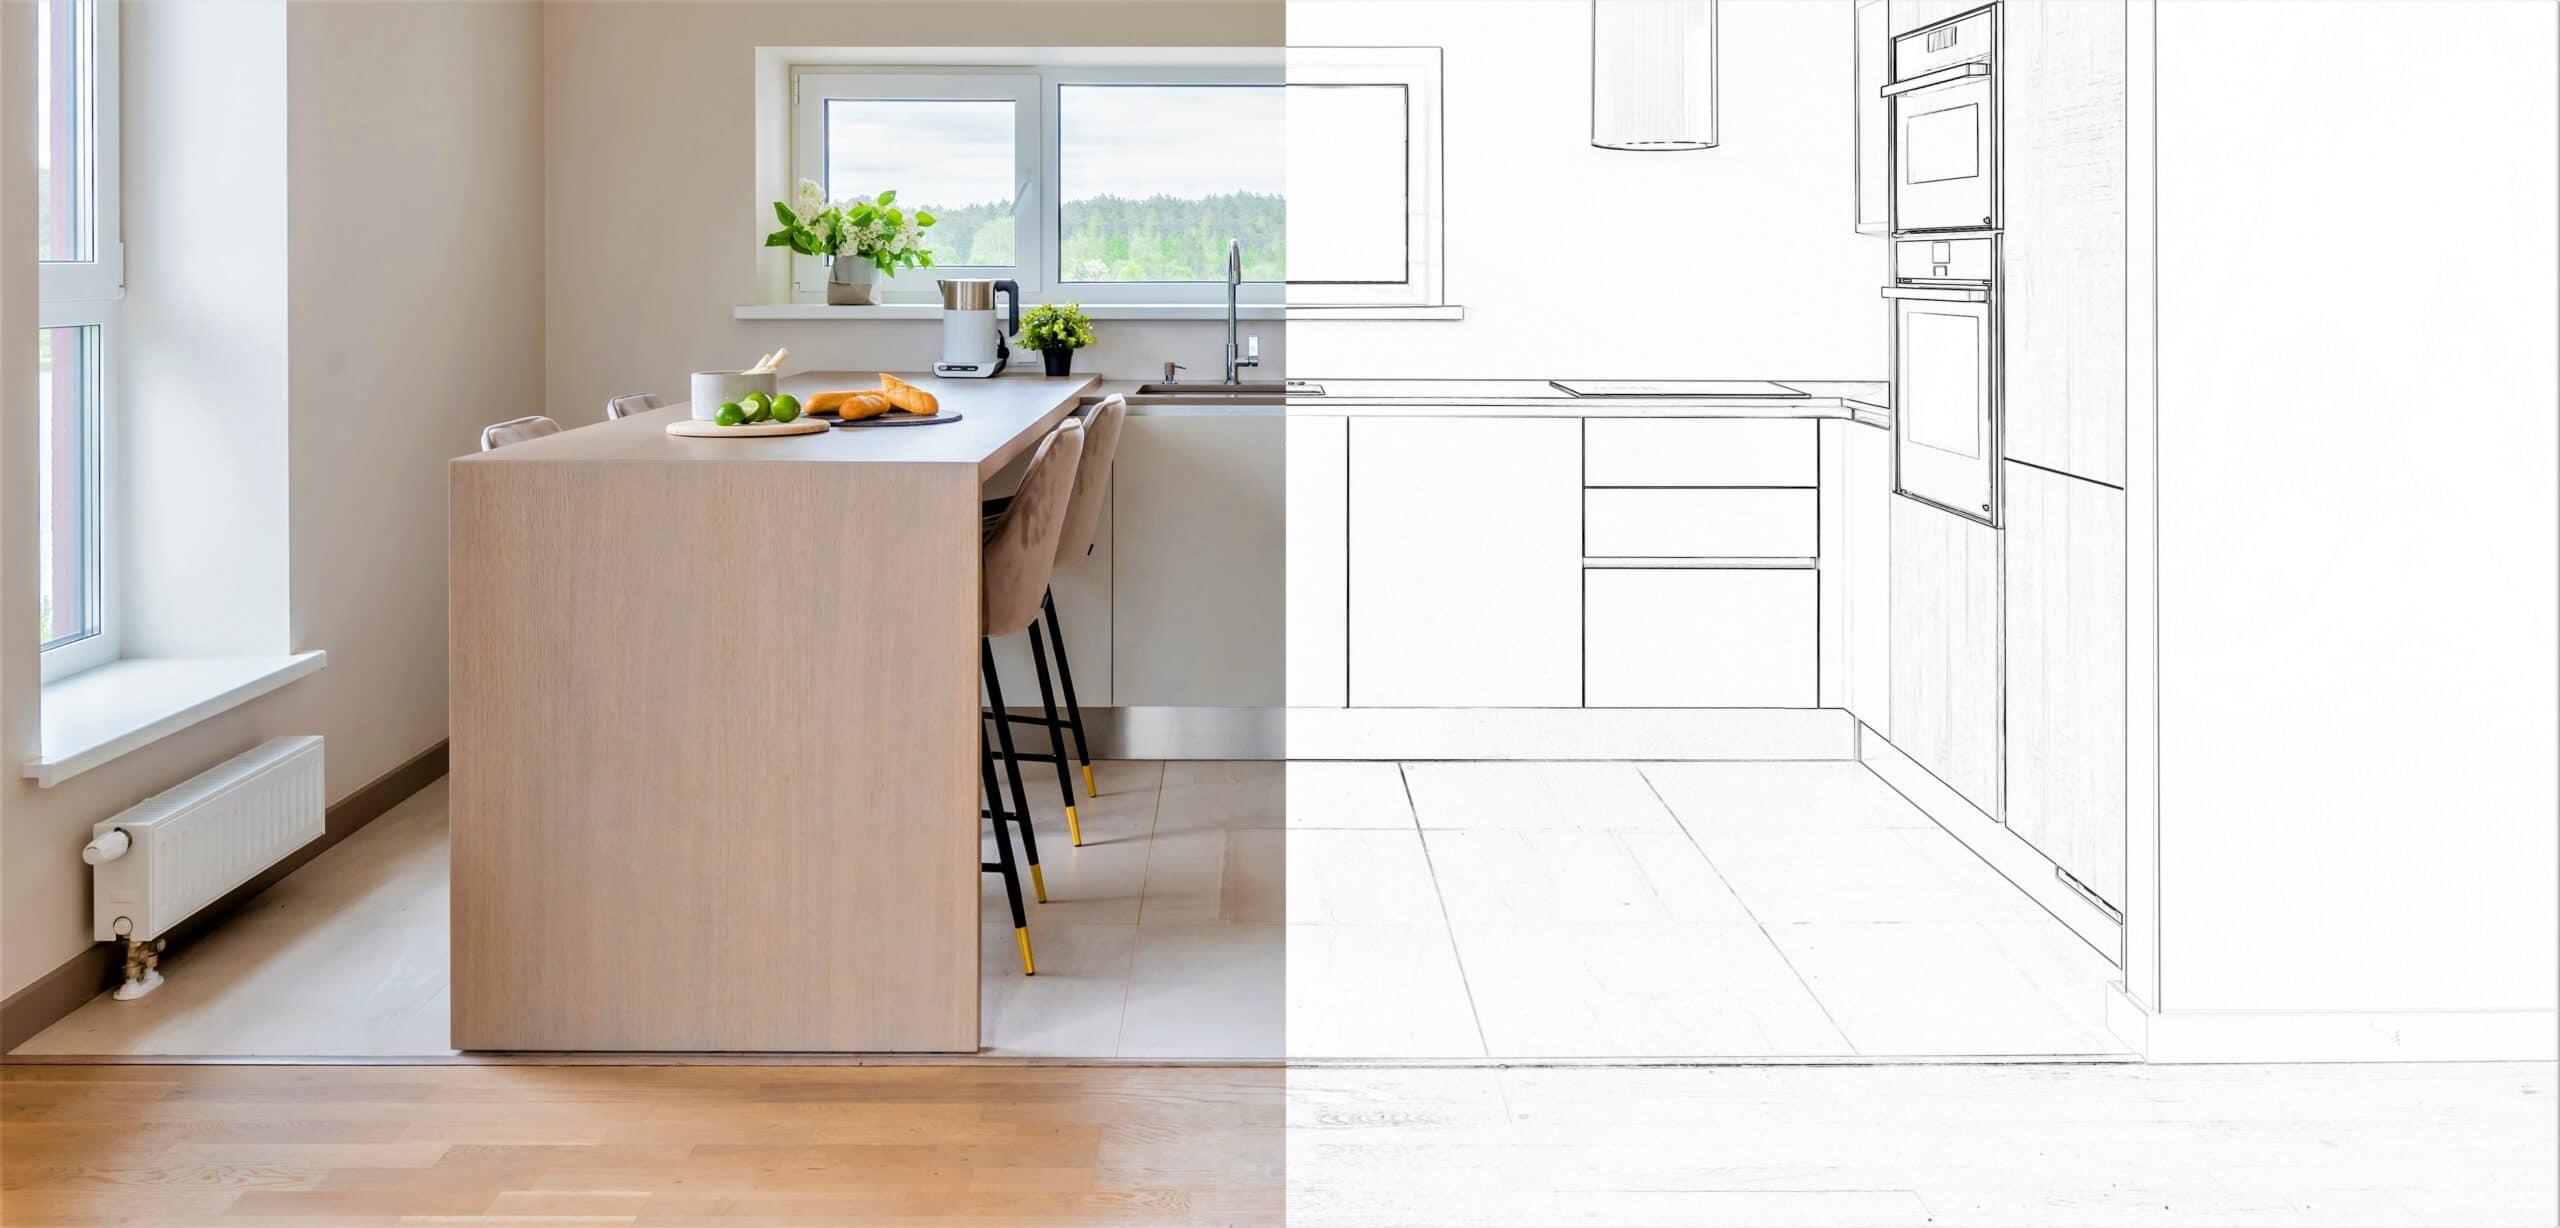 Īpašais piedāvājums virtuves projektēšanas līgumam